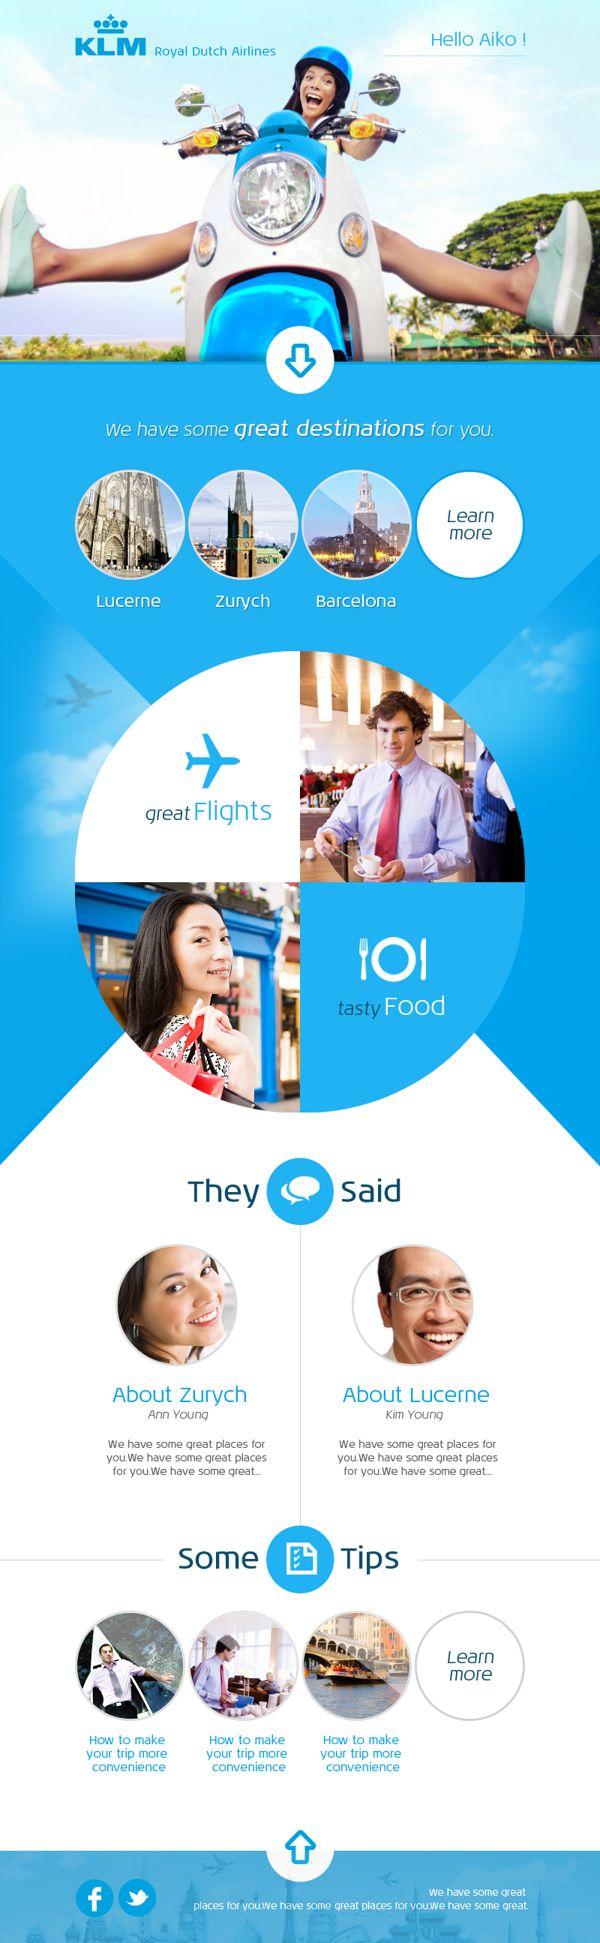 KLM - Newsletter by Piotr Świerkowski, via Behance